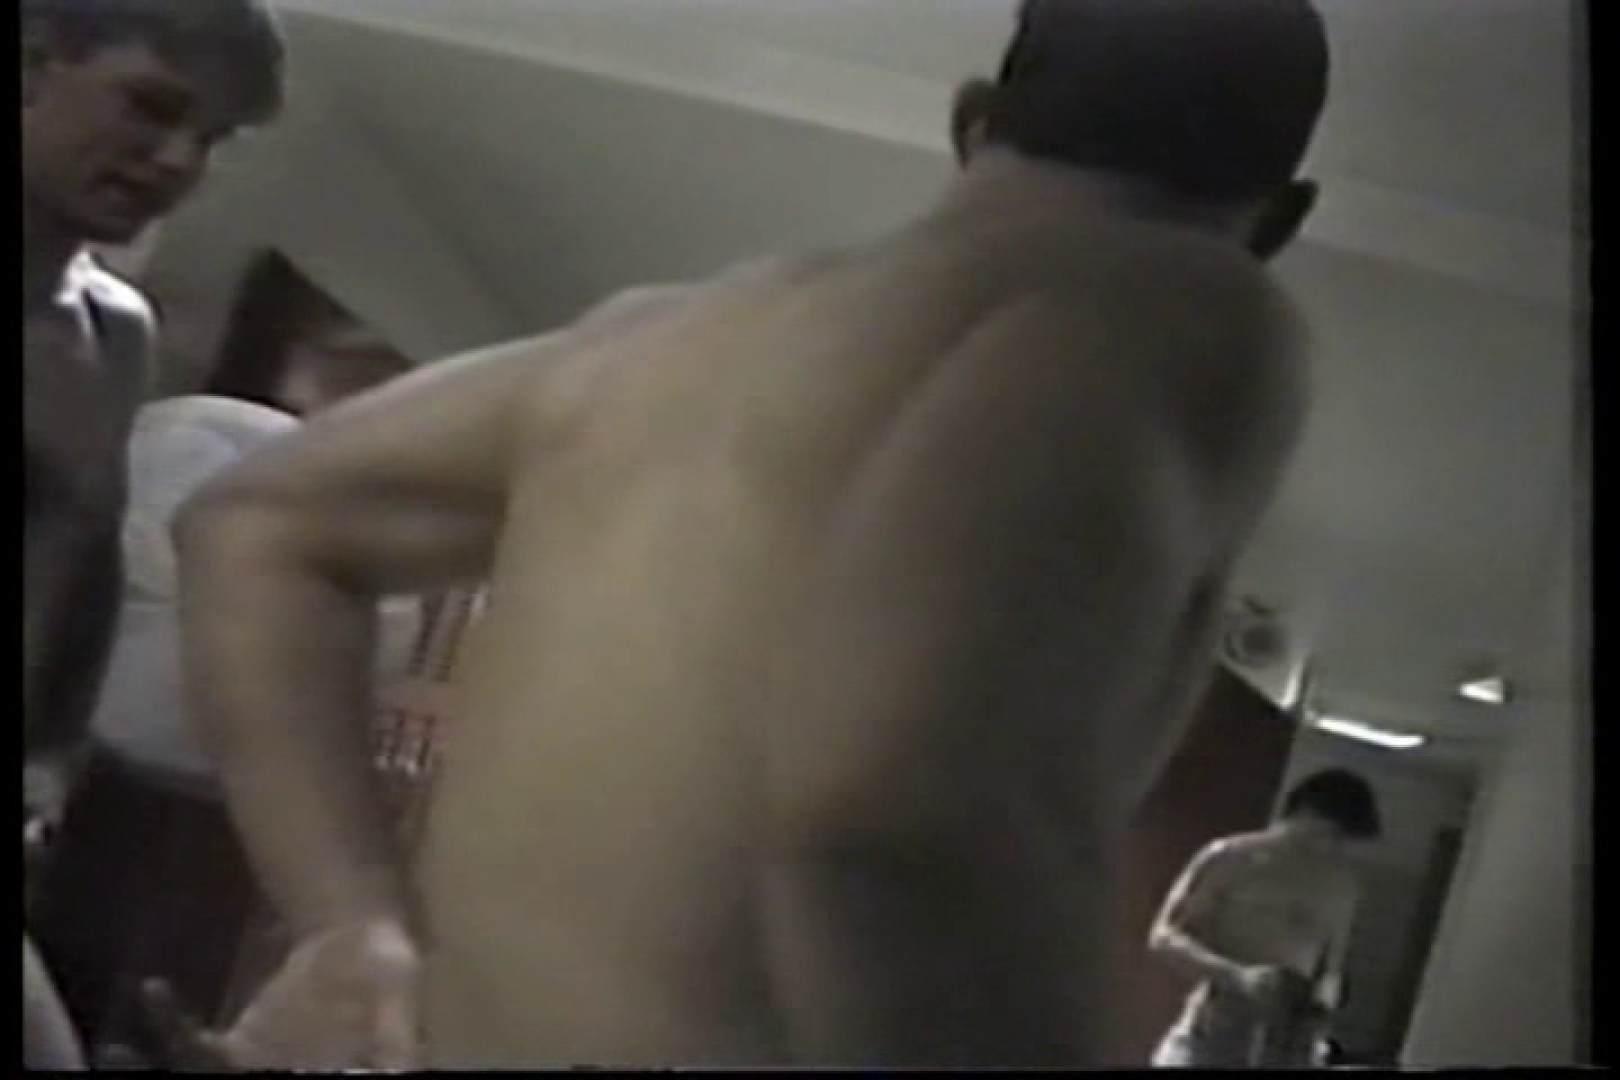 洋人さんの脱衣所を覗いてみました。VOL.1 完全無修正でお届け | ノンケボーイズ  66pic 24